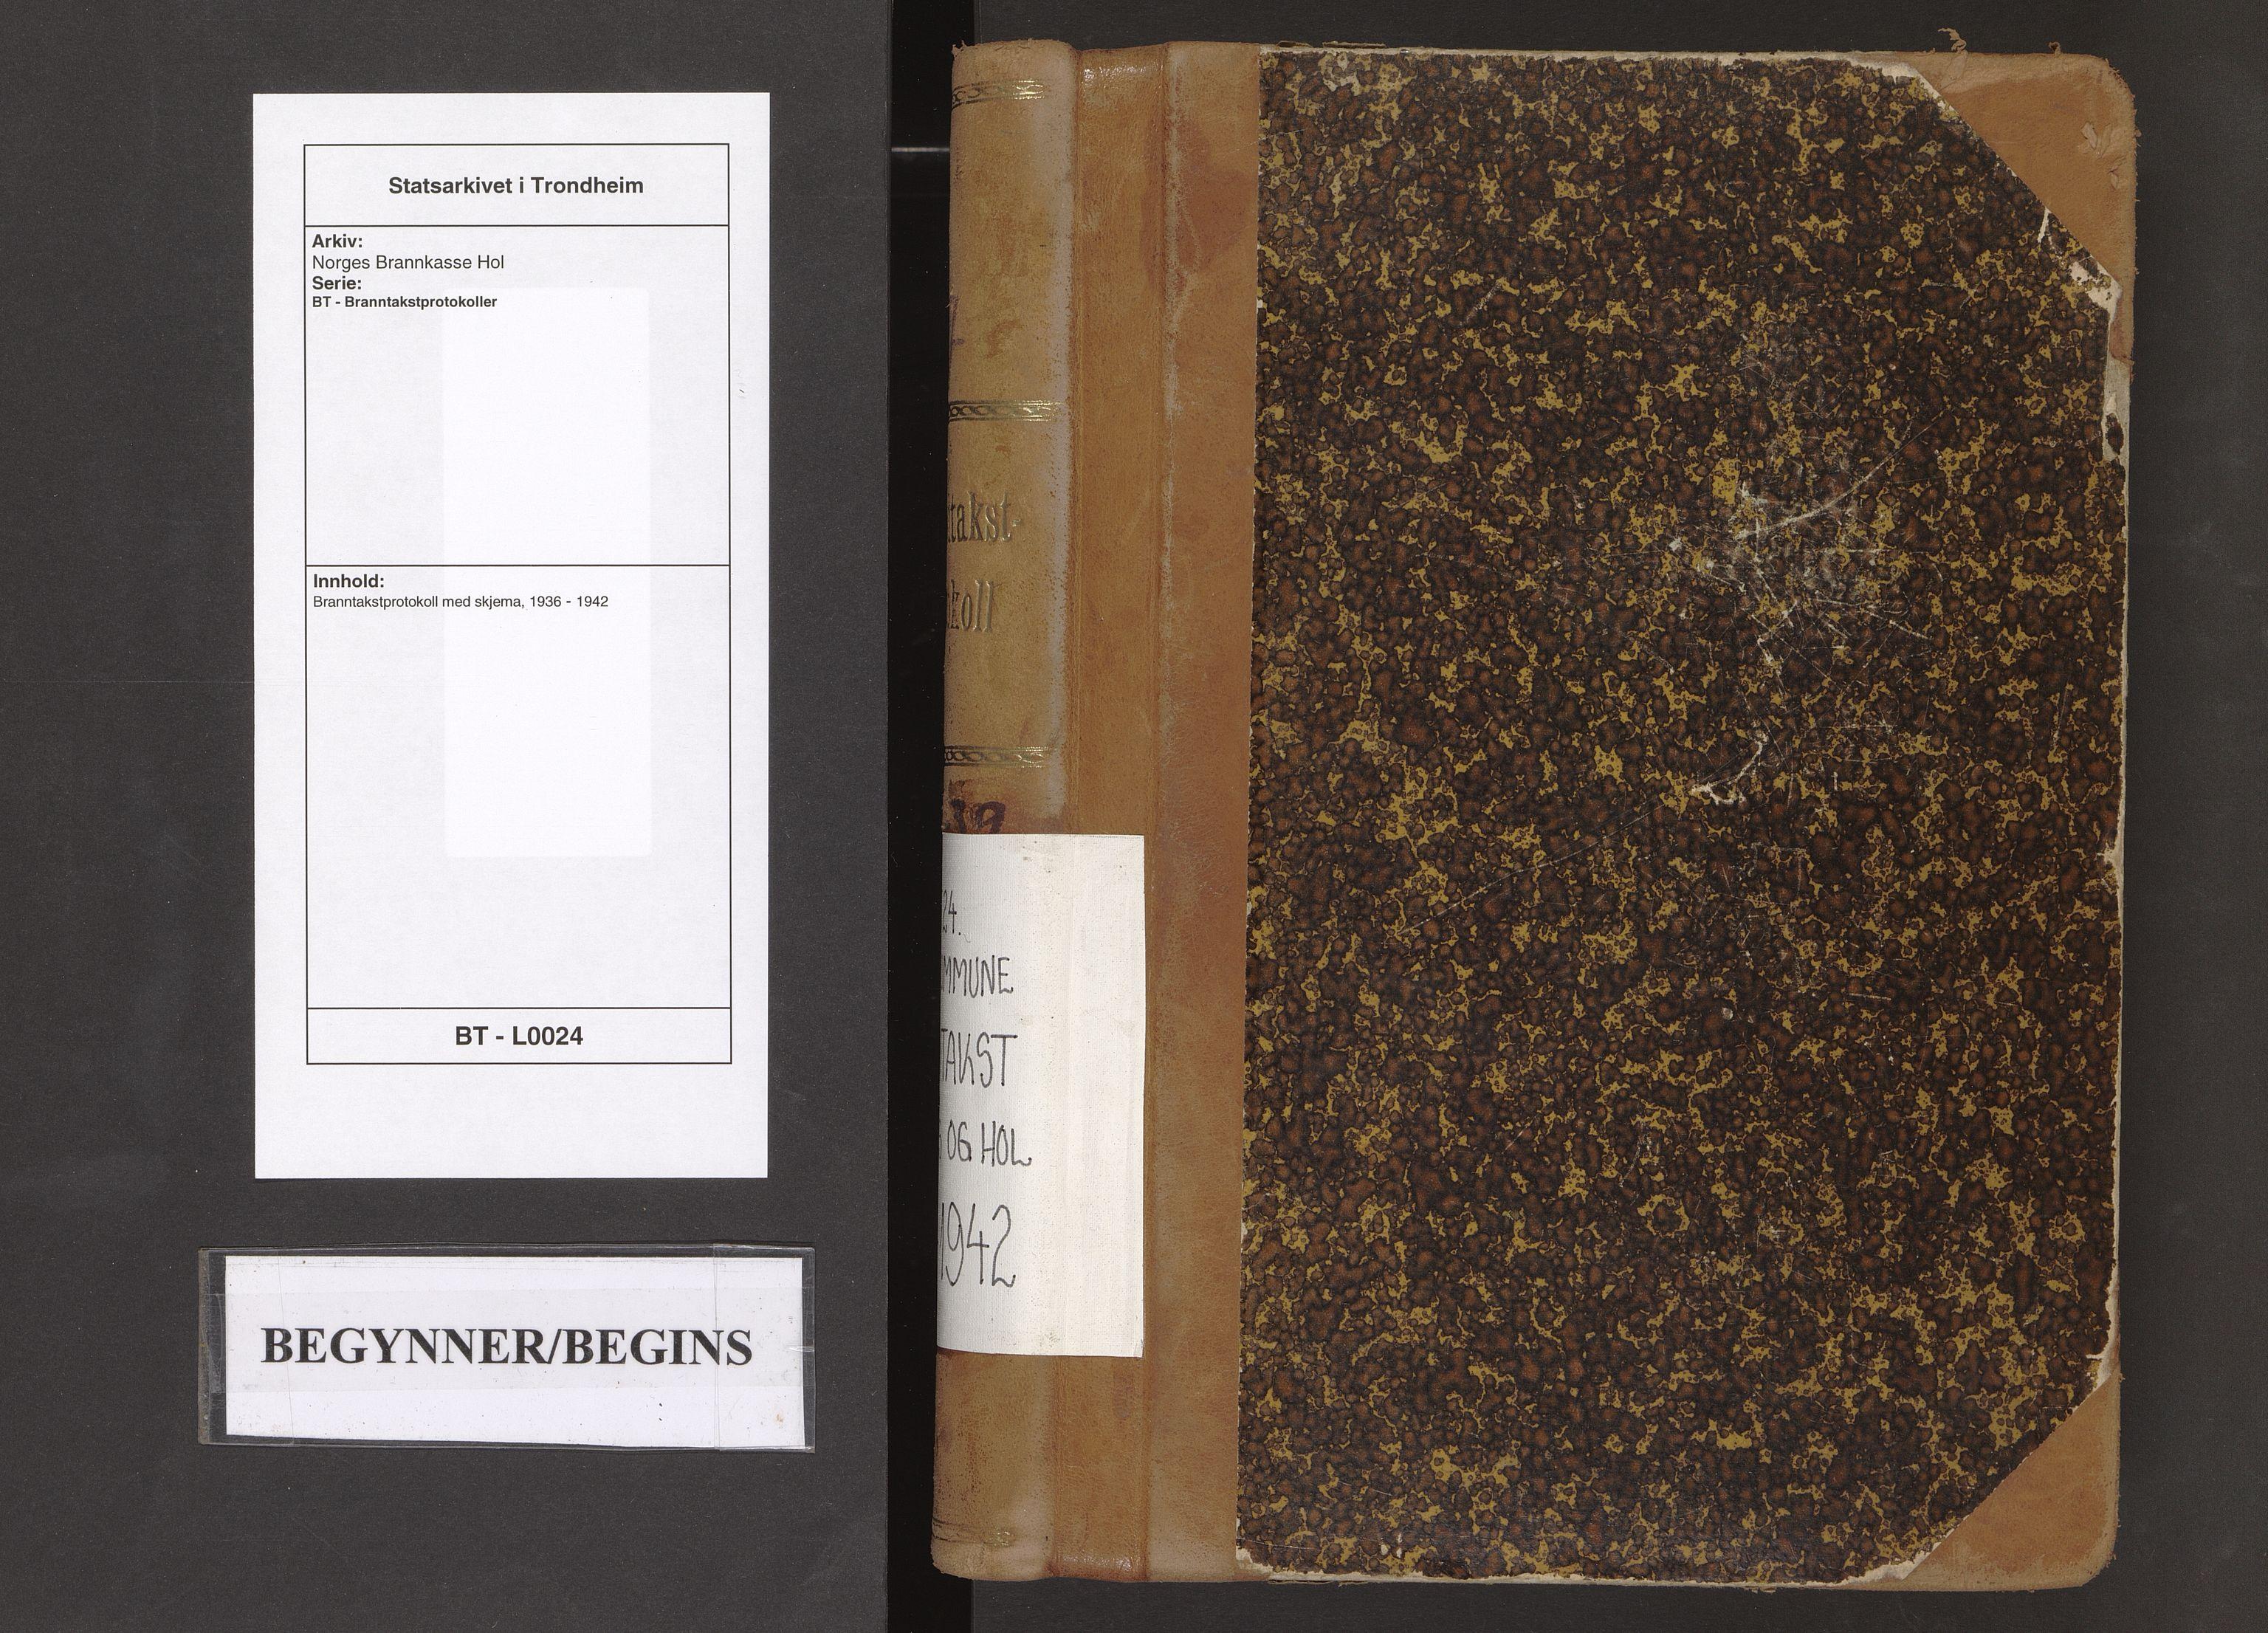 SAT, Norges Brannkasse Hol, BT/L0024: Branntakstprotokoll med skjema, 1936-1942